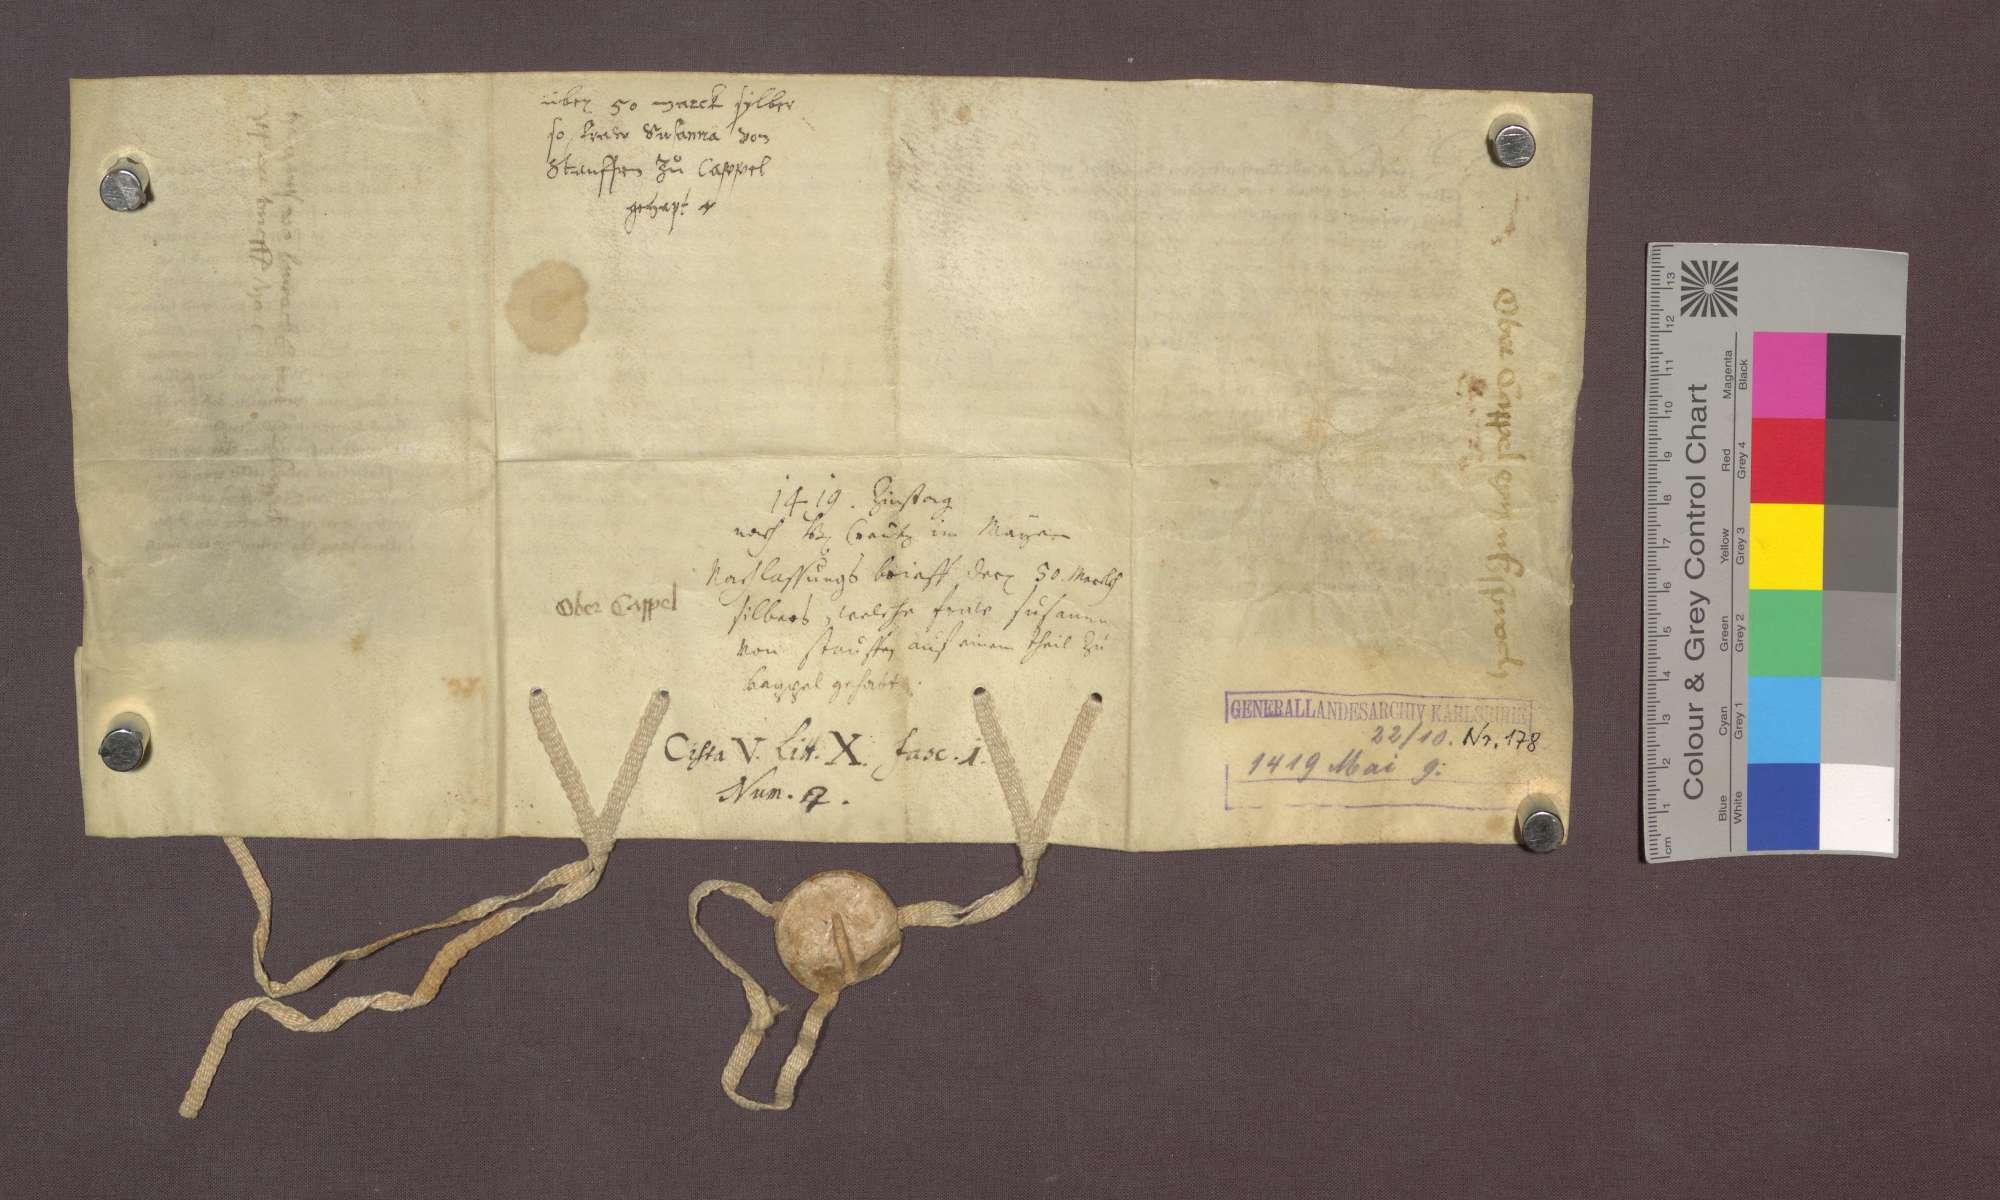 Hans und Berthold von Staufen, Gebrüder, verzichten infolge eines von Markgraf Bernhard von Baden vermittelten Übertrags zugunsten des Ritters Hanman Schnewlin von Landeck auf eine ihnen zustehende und auf den Schnwelin